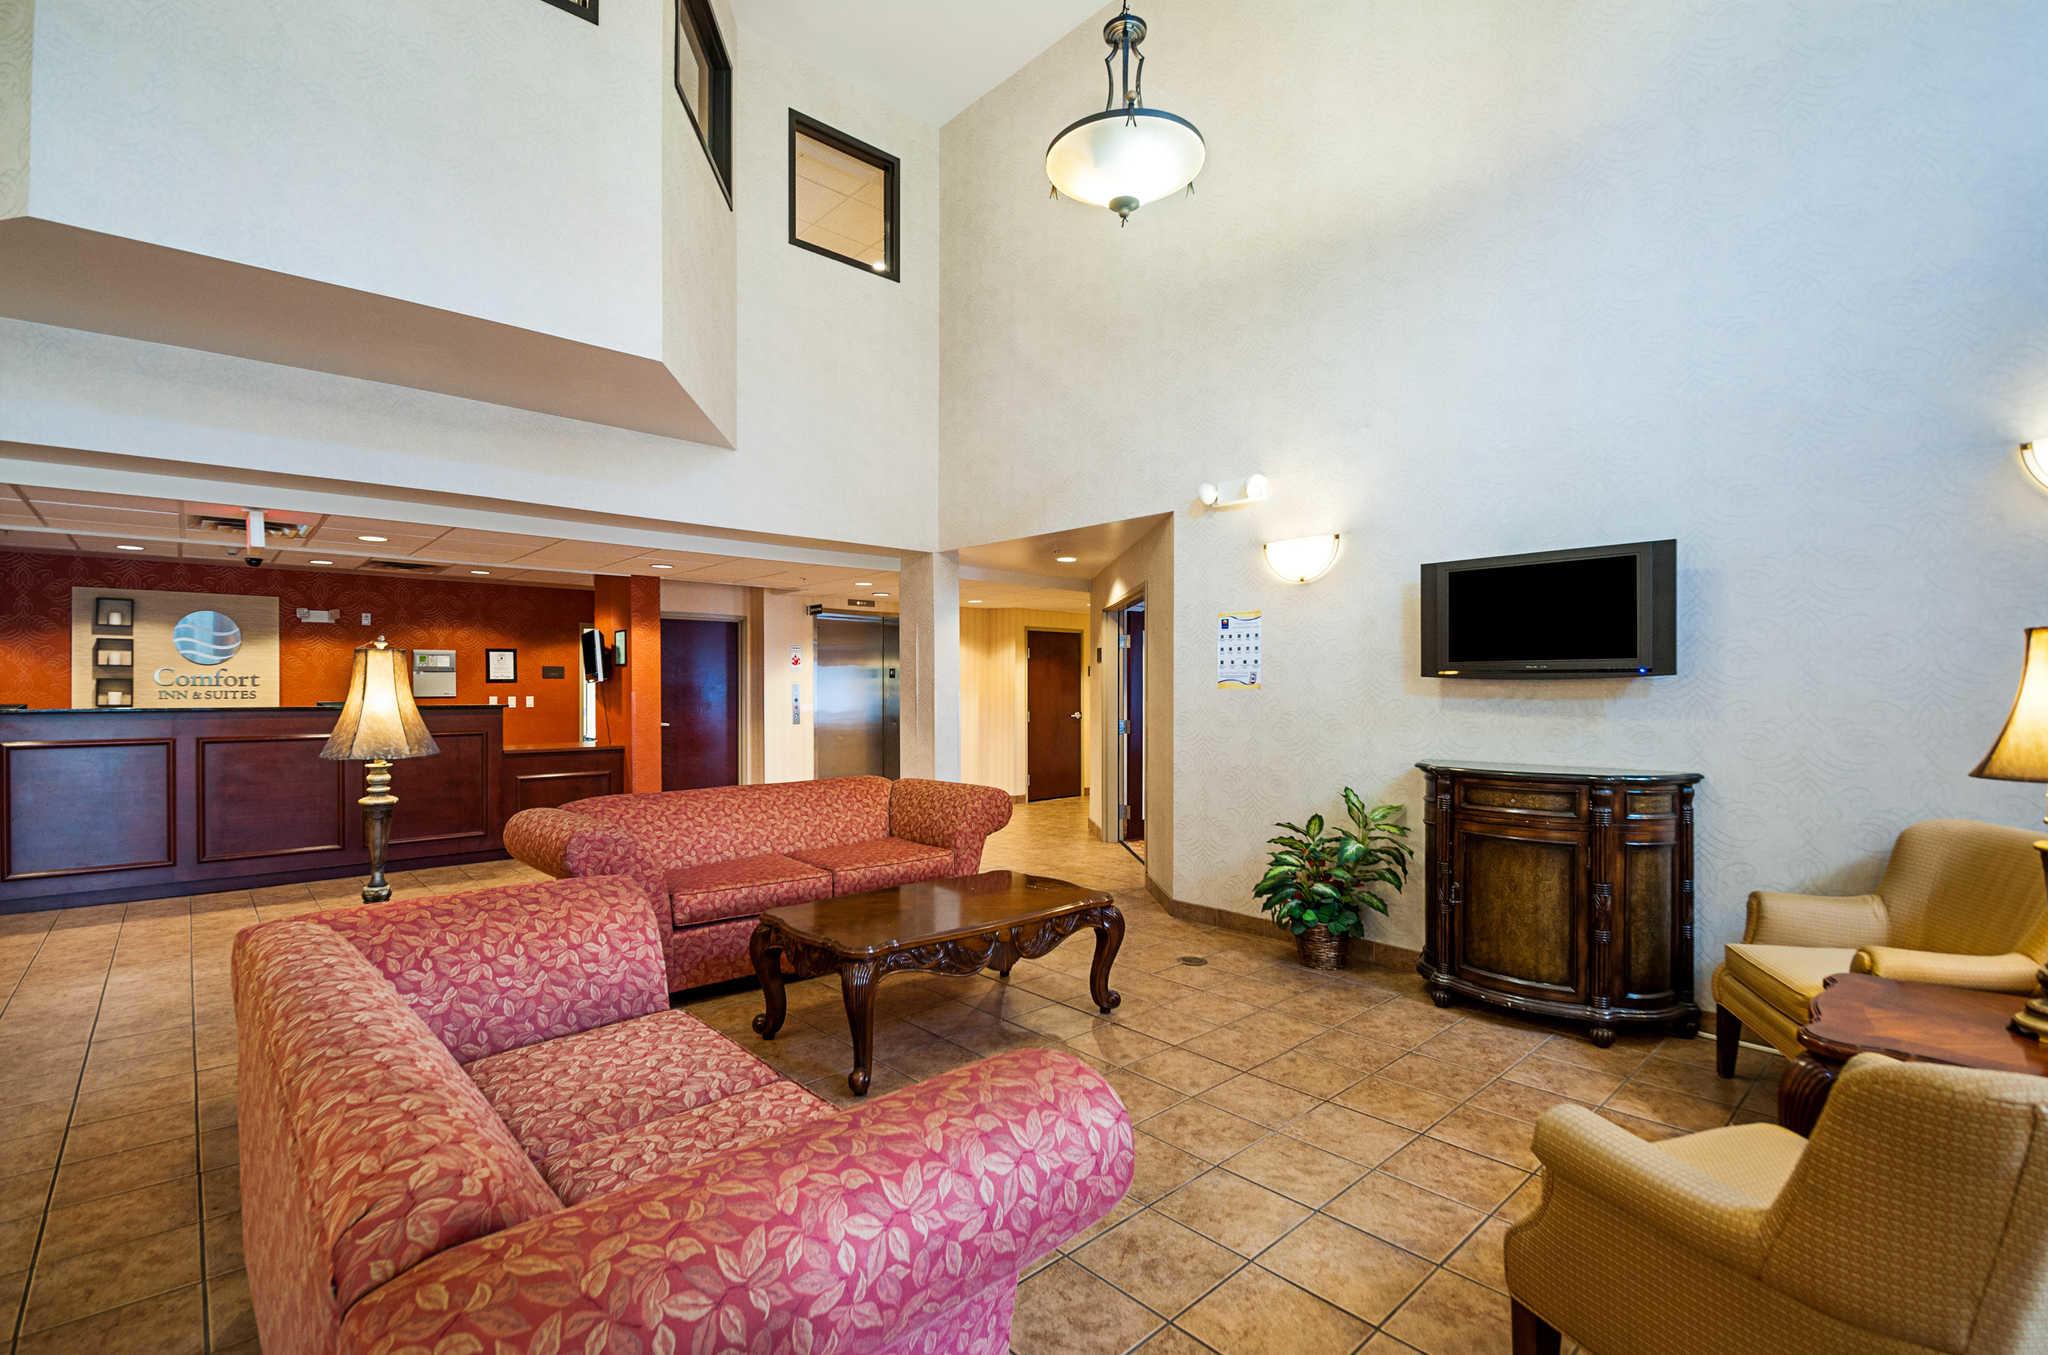 Comfort Inn & Suites Cambridge image 6